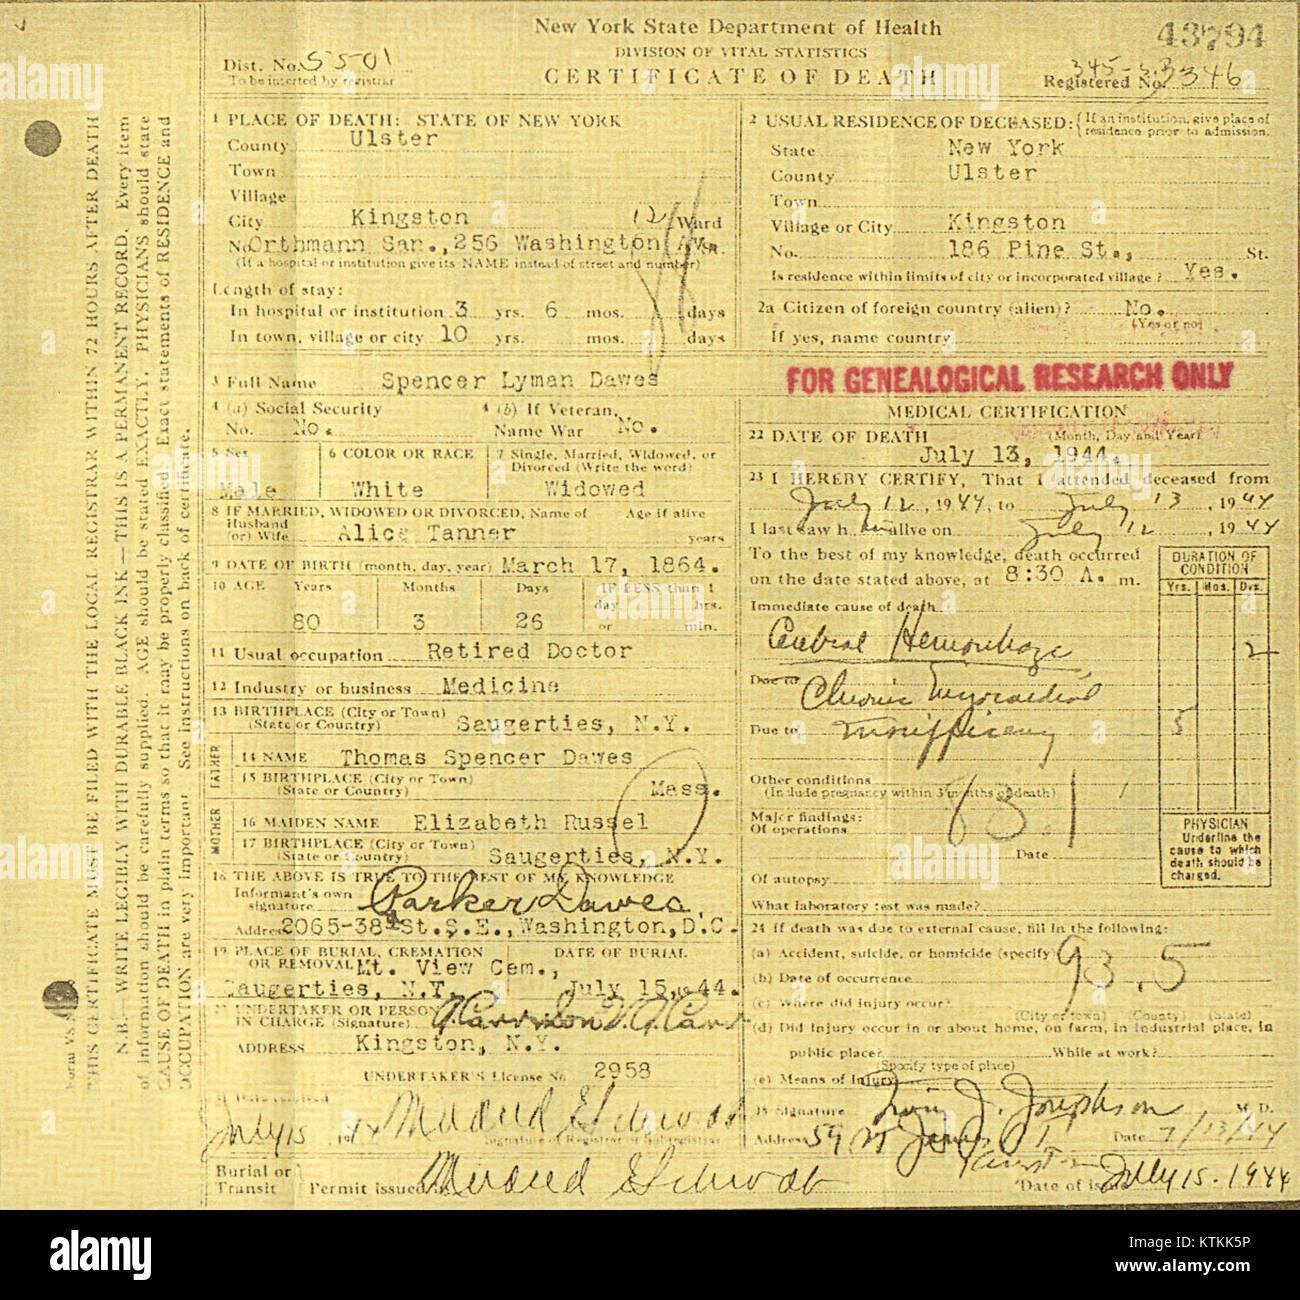 Dr Spencer Lyman Dawes Md 1864 1944 Death Certificate Stock